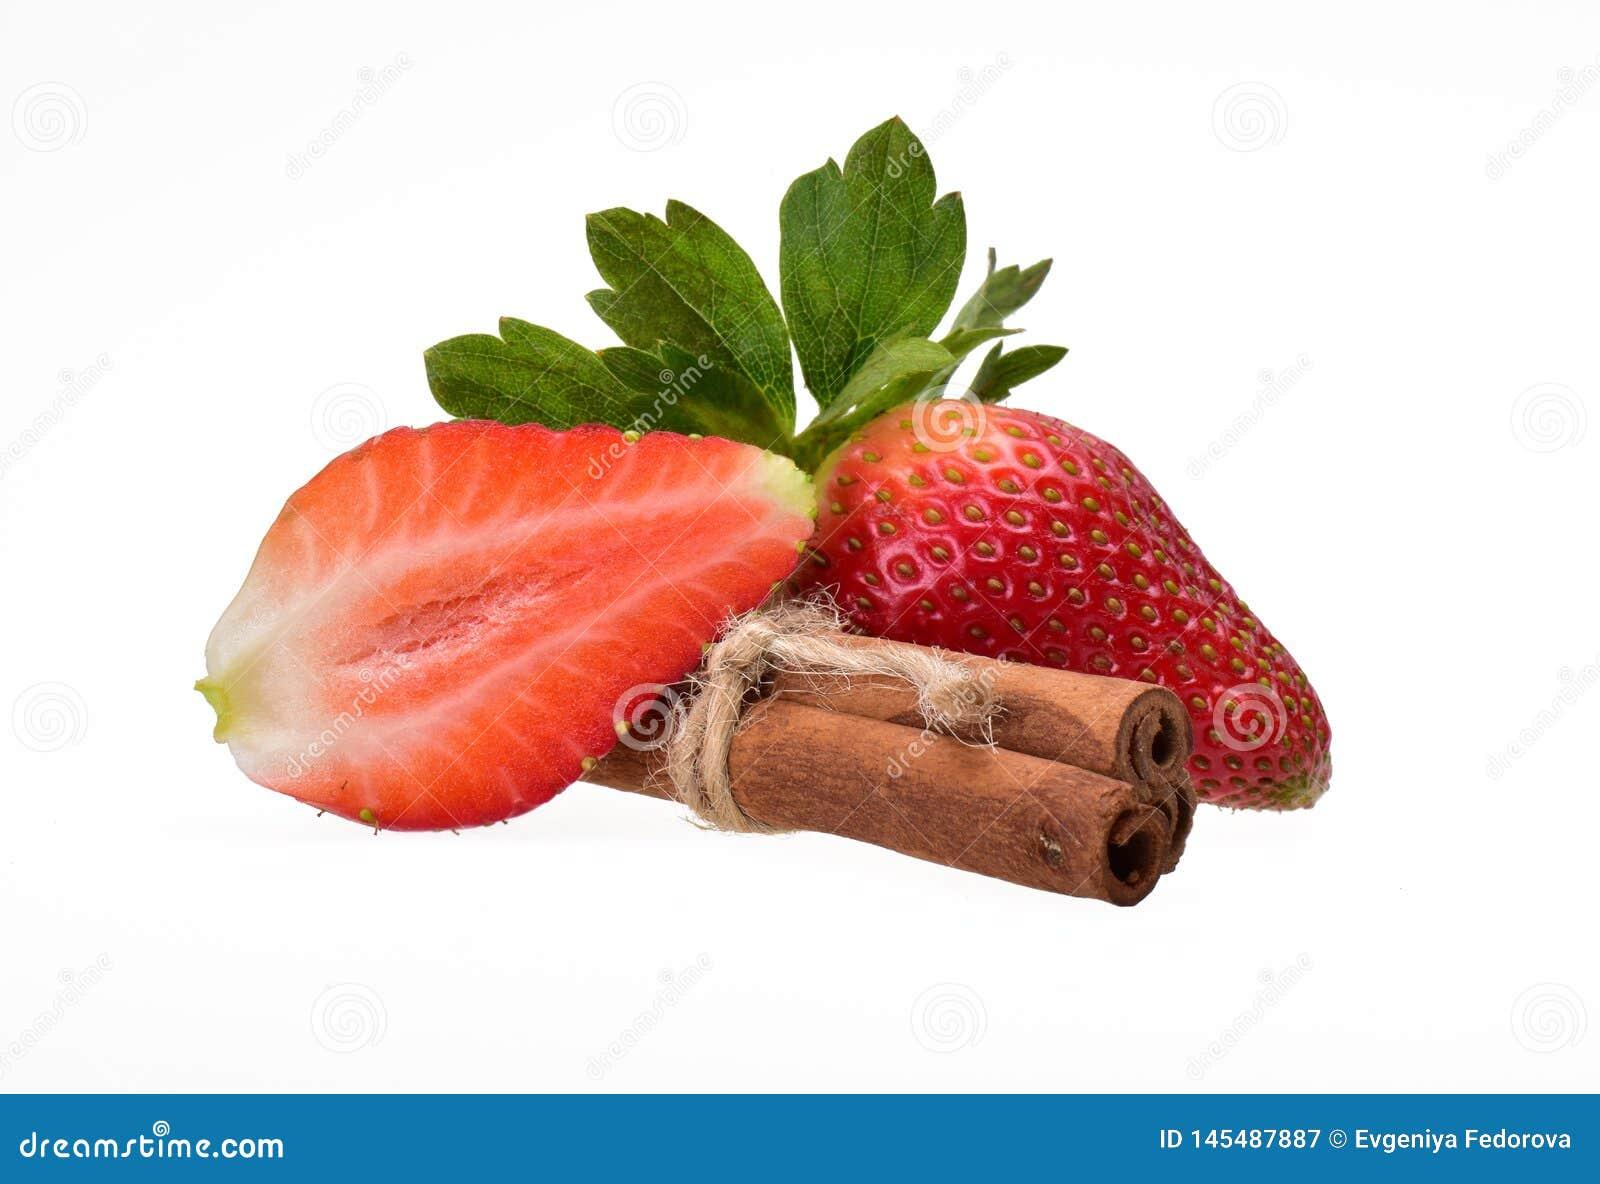 草莓,整个和对分与绿色叶子和三根肉桂条